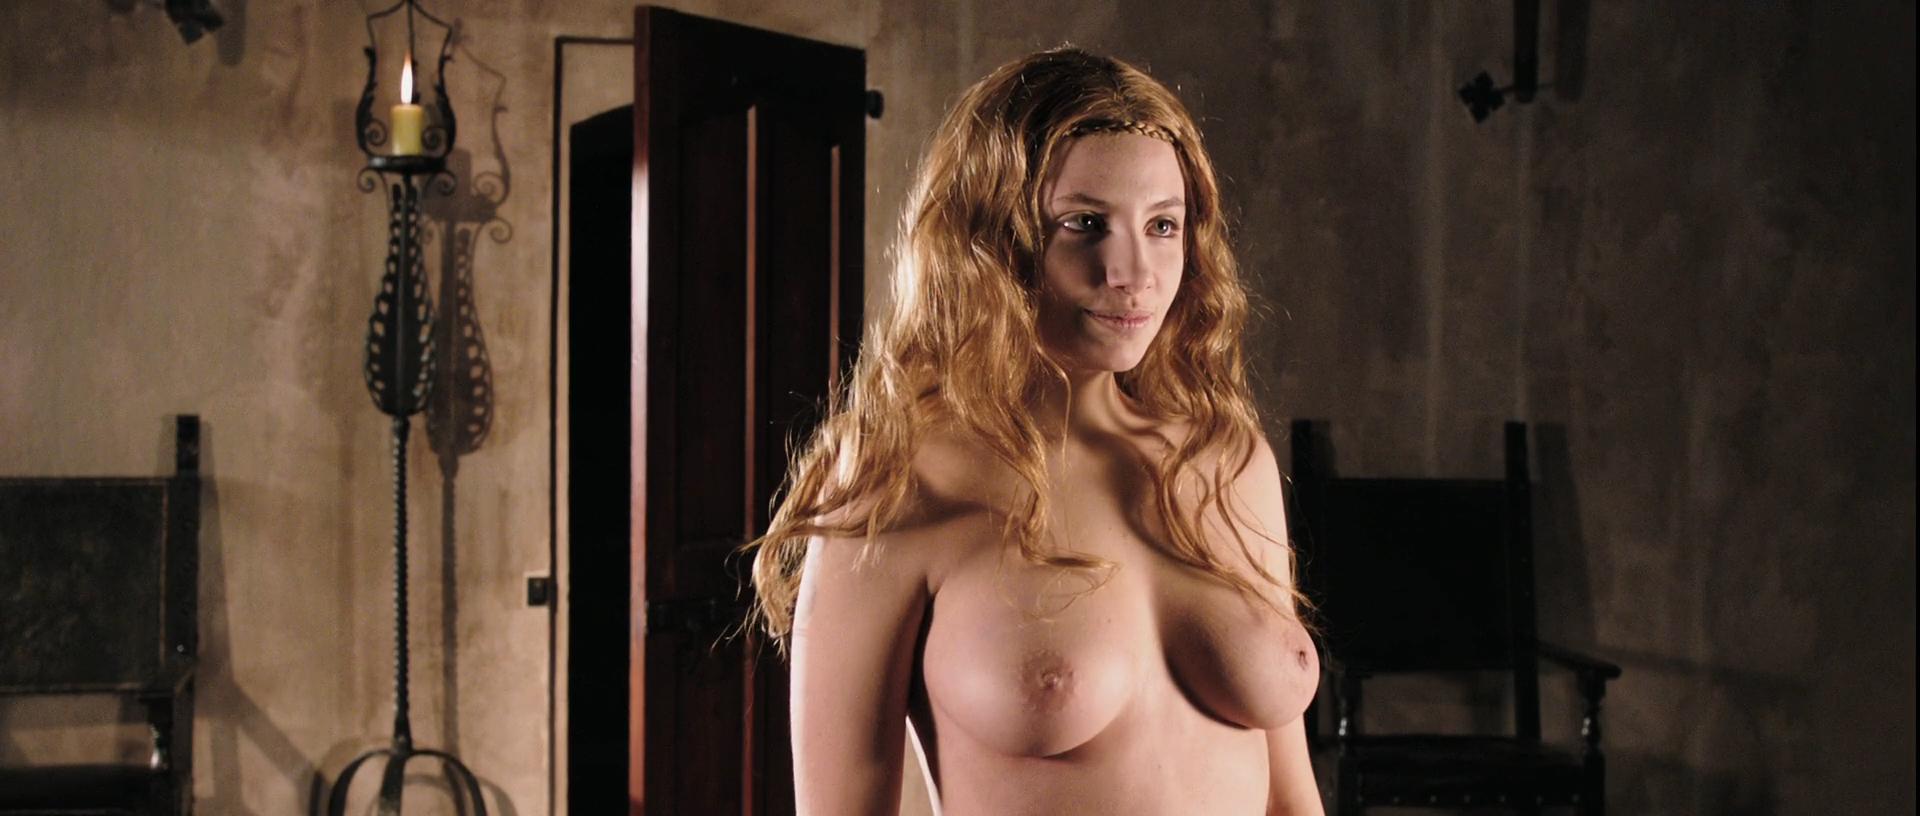 Dracula sex videos full hd fuck download porncraft tits